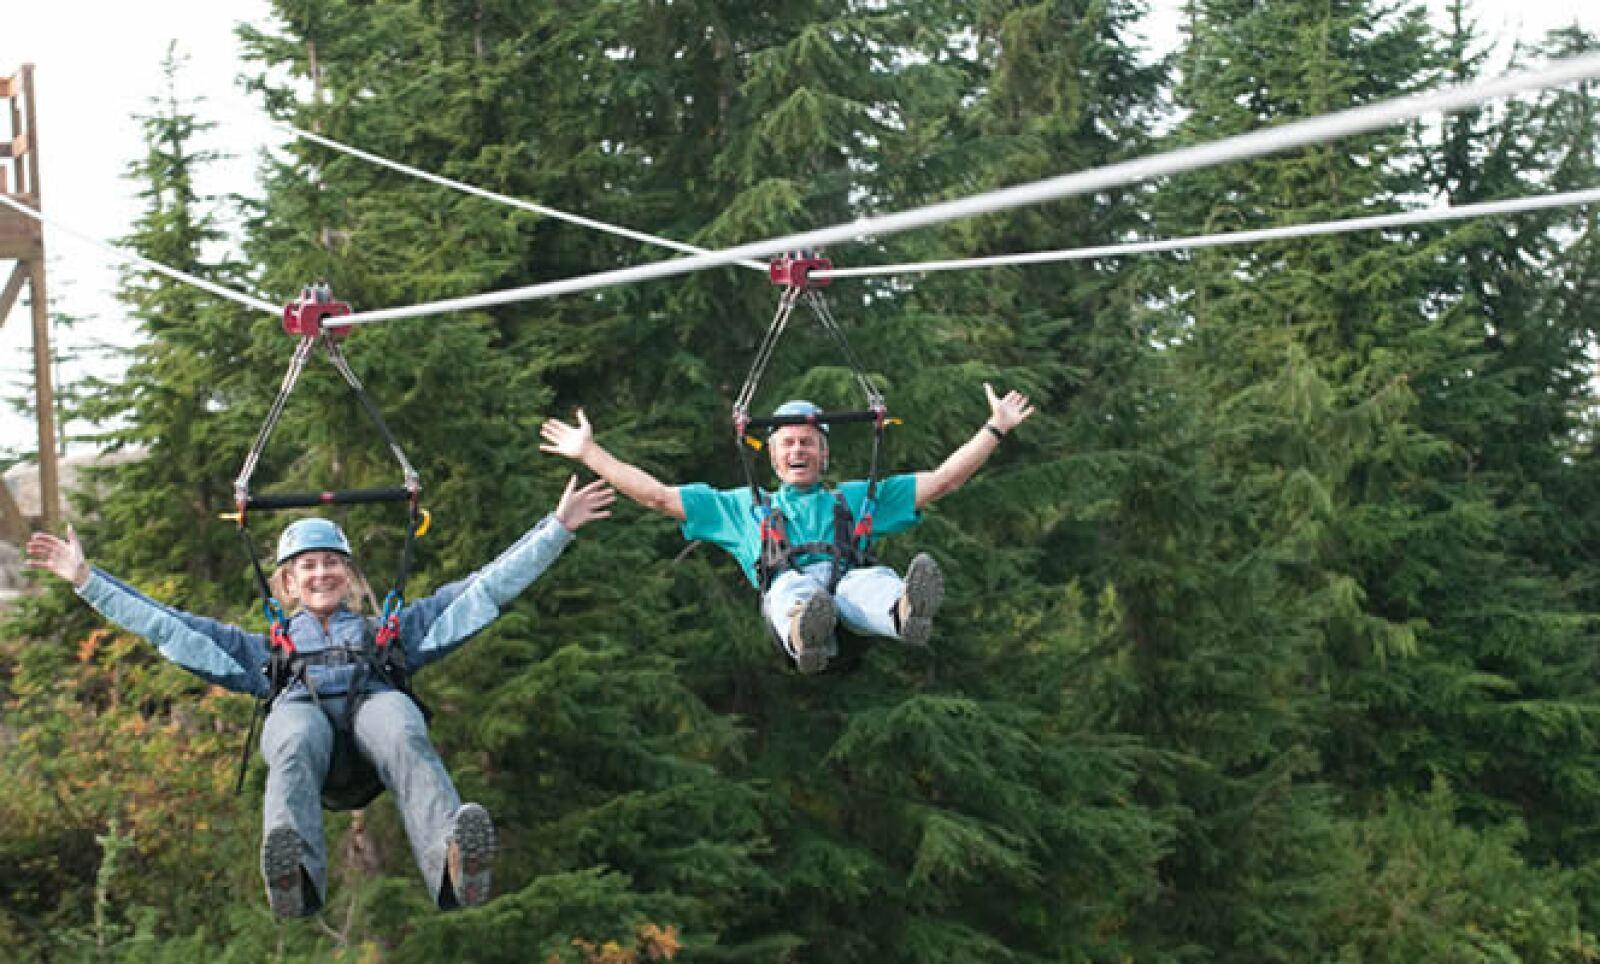 Sigue en contacto naturaleza y visita la Grouse Mountain, en donde podrás practicar varios deportes extremos como tirolesa, escalada y rappel.